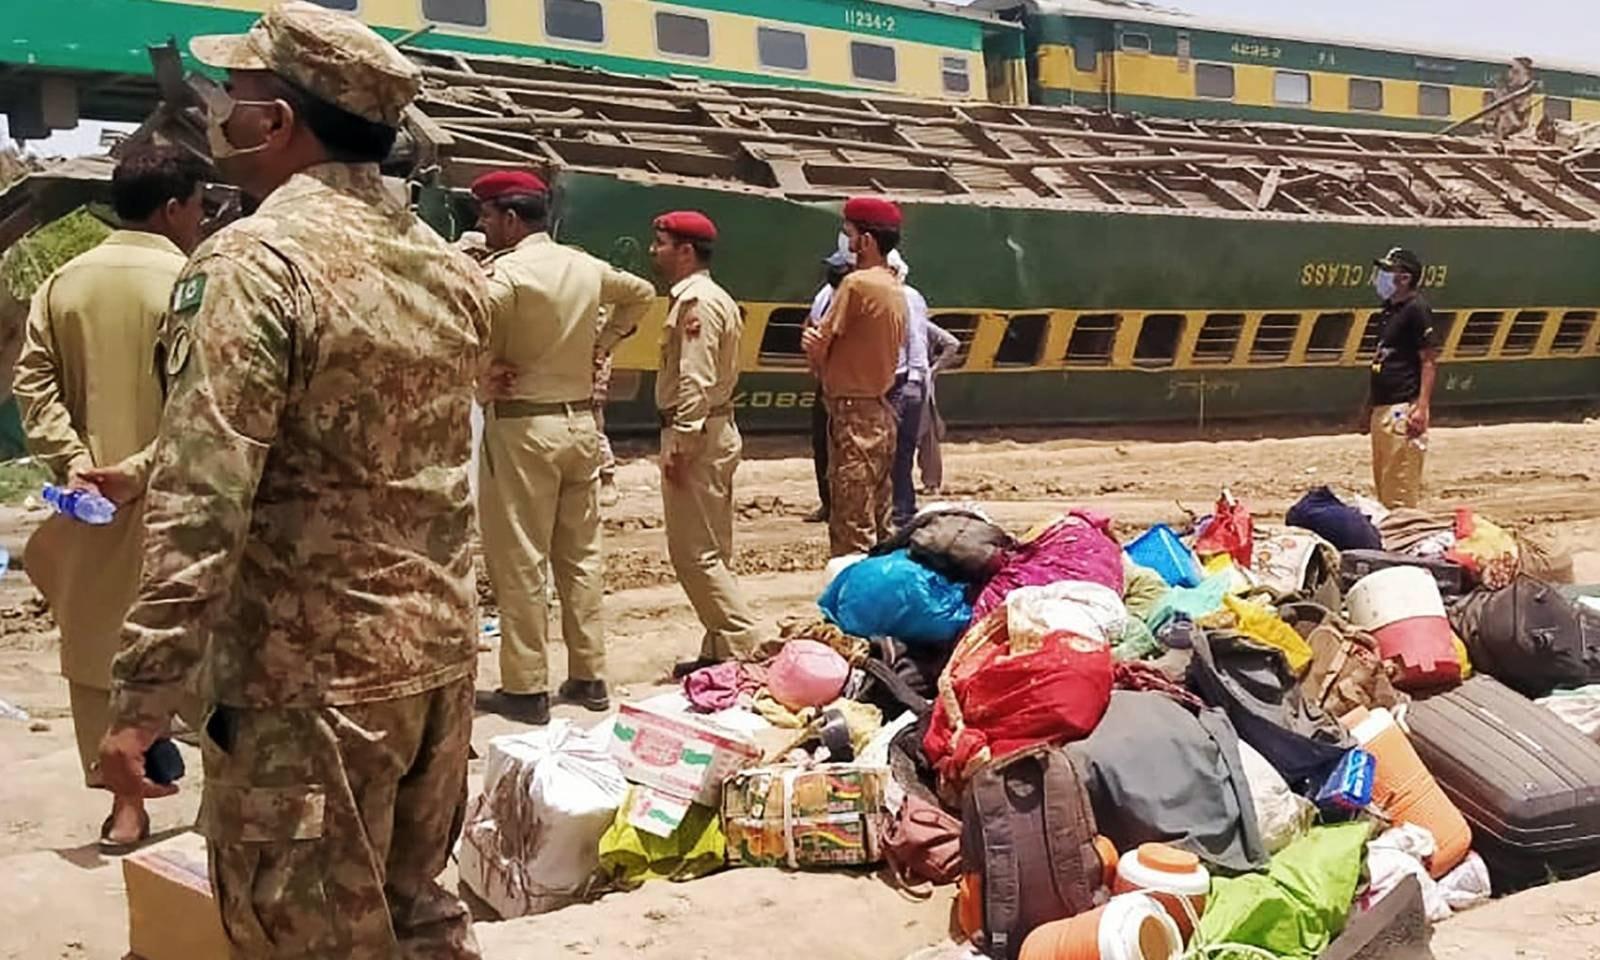 فوج اور رینجرز کے دستے بھی مقامی انتظامیہ کے ساتھ مل کر امدادی اور بچاؤ آپریشن میں حصہ لے رہے ہیں—فوٹو: اے ایف پی